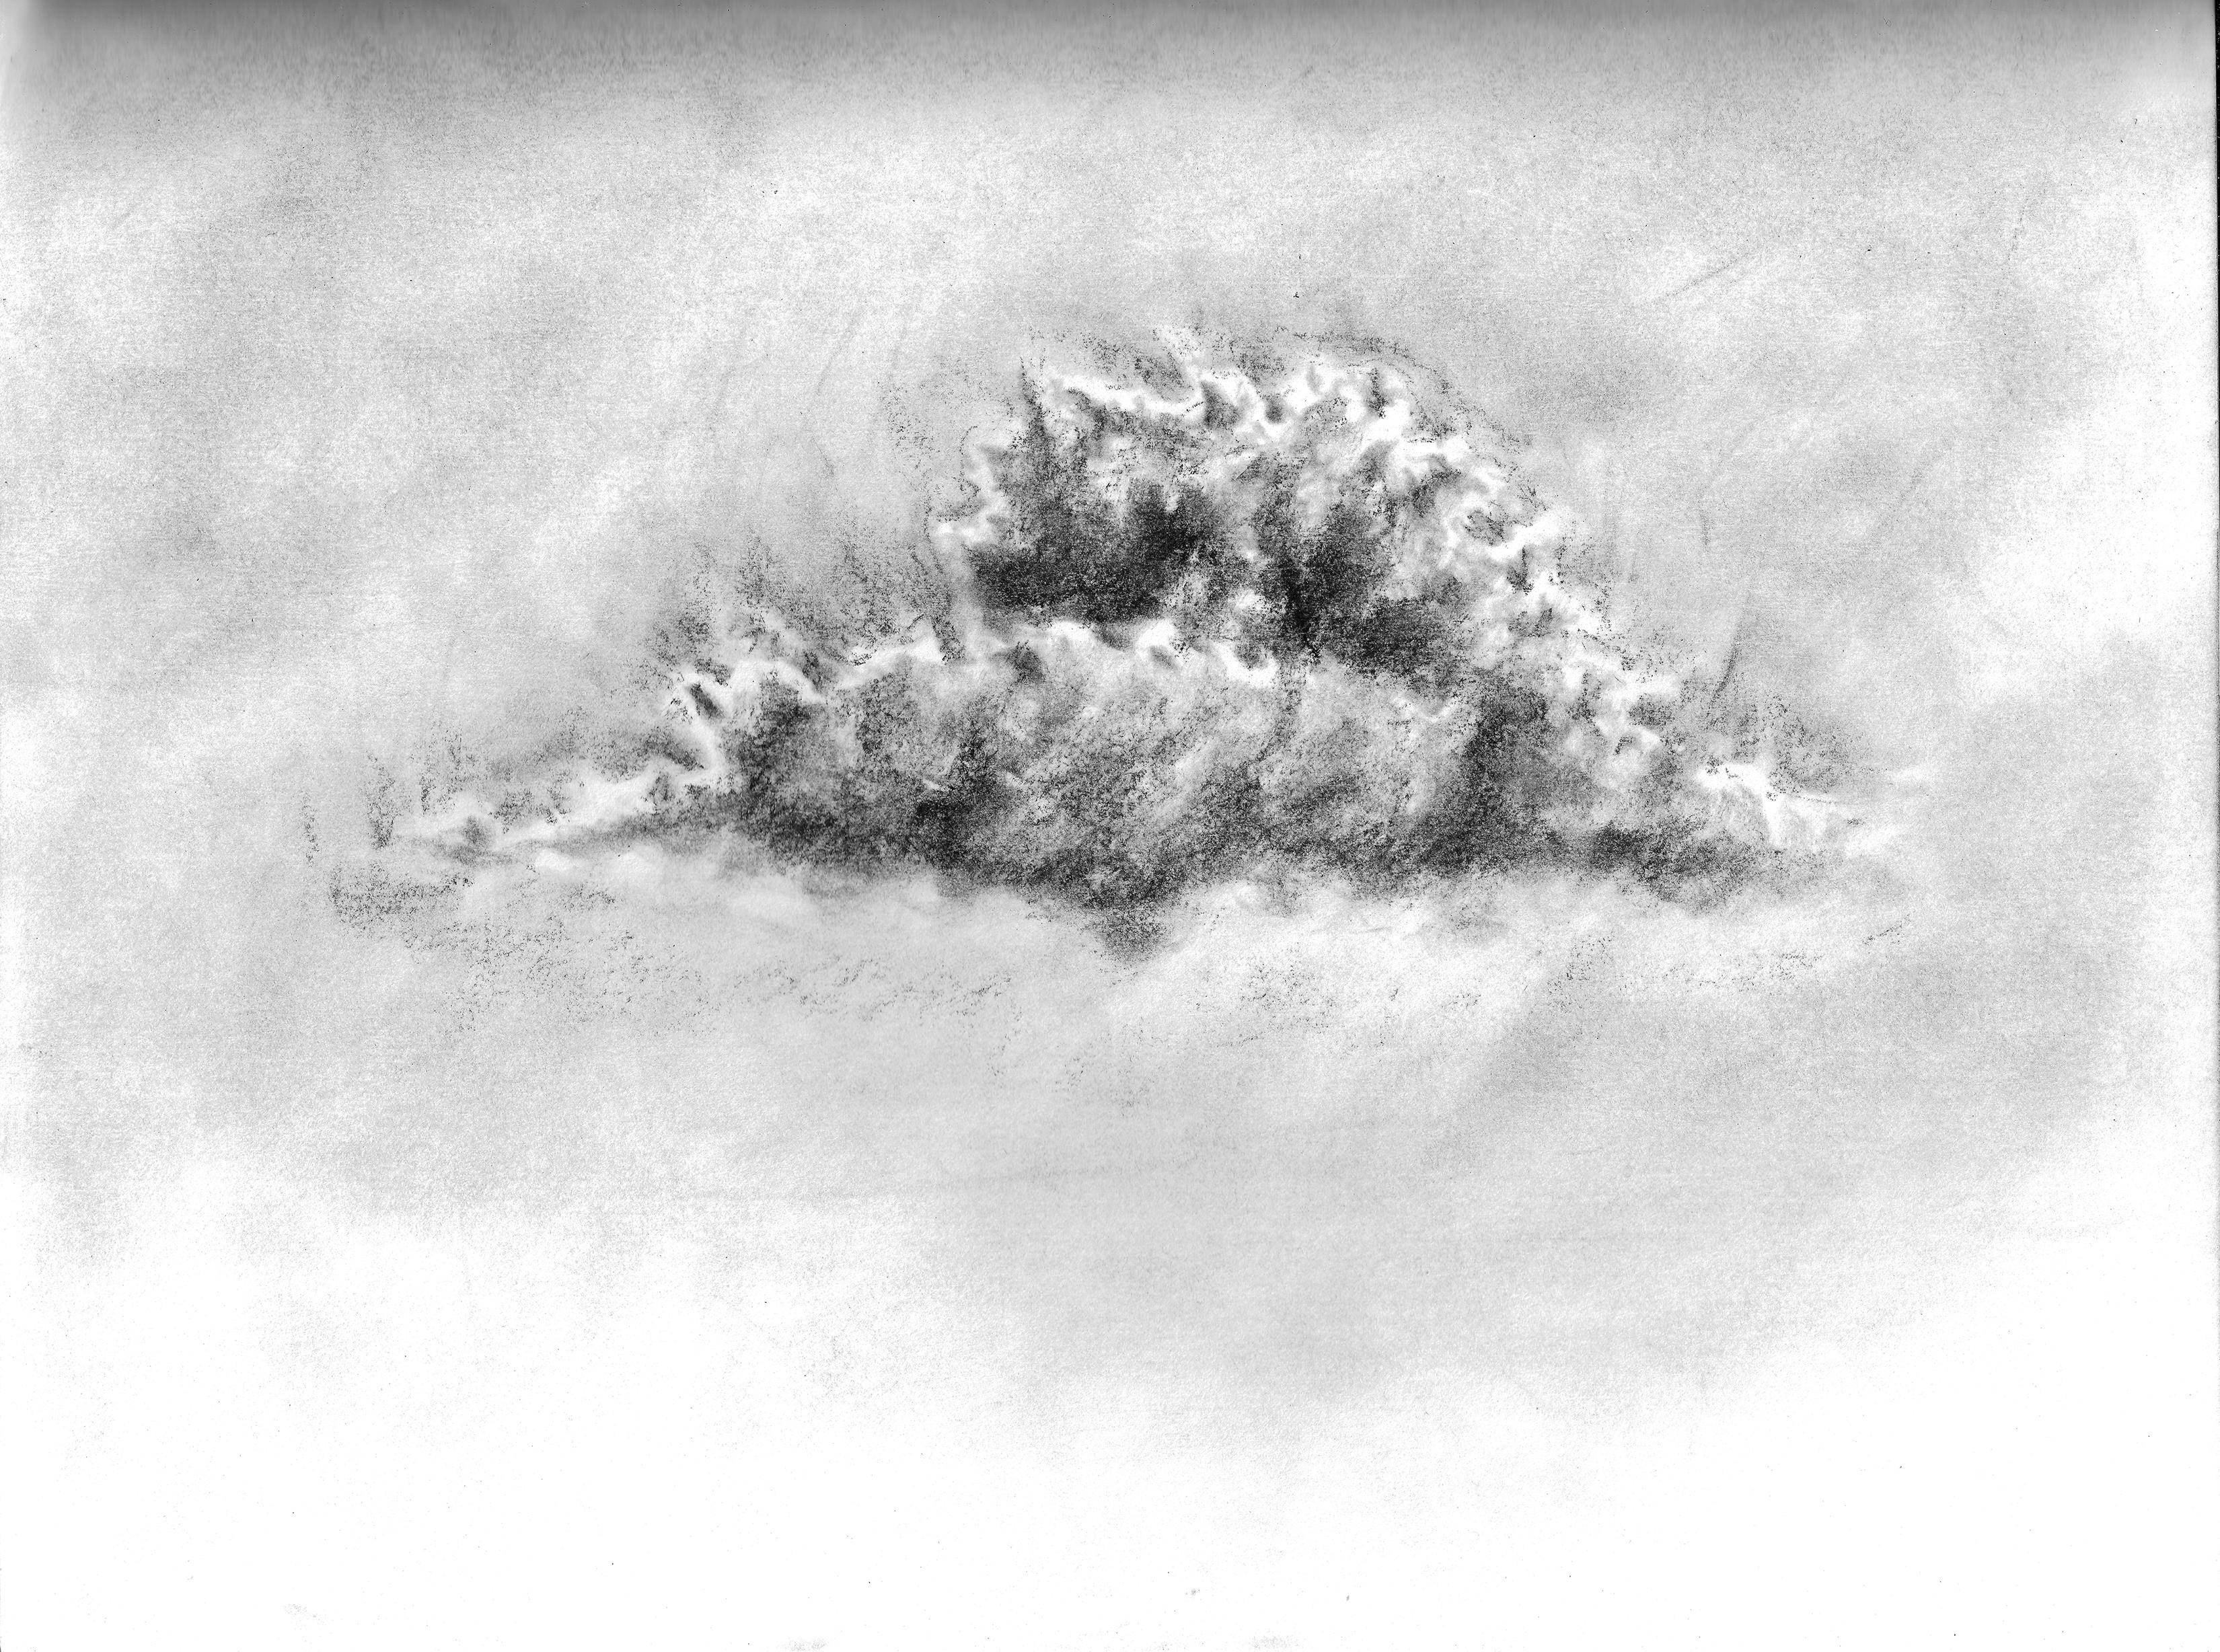 Cloud Book #35